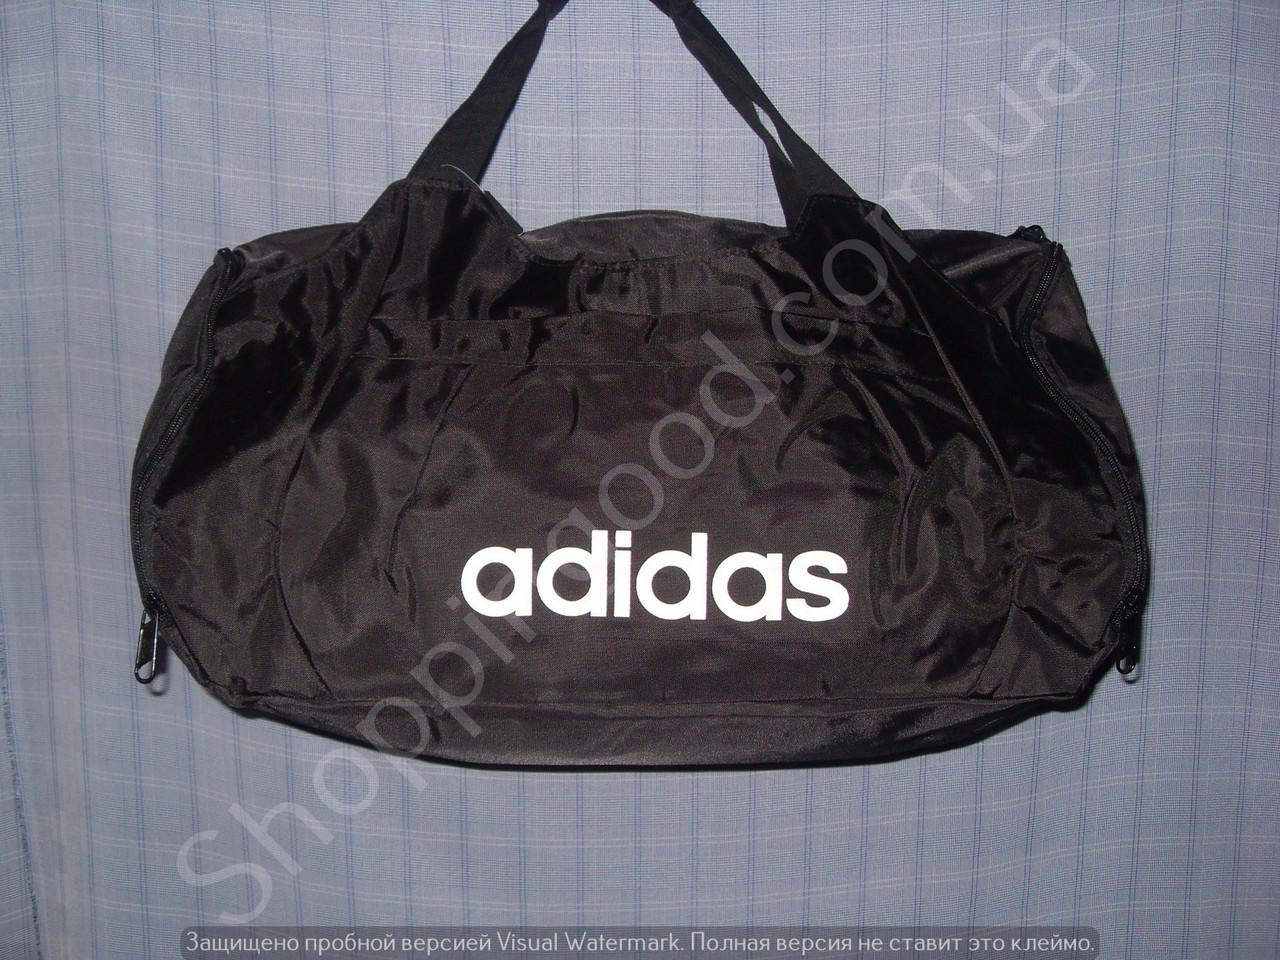 fc81f17211bb Багажная сумка Adidas 114112 малая (48 см х 27 см х 20 см) черная ...